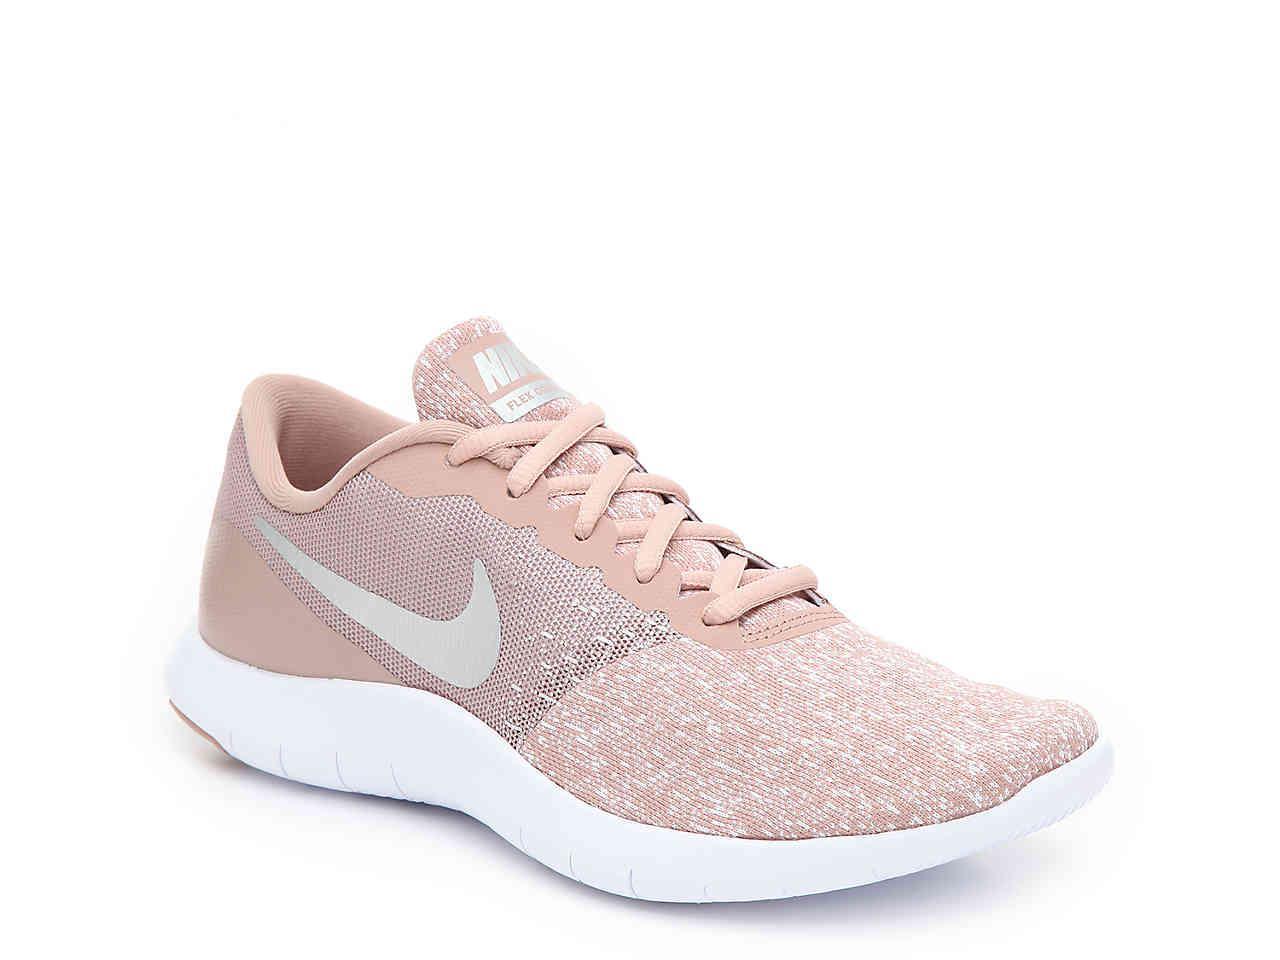 c68c804d16d0 Lyst - Nike Flex Contact Lightweight Running Shoe in Pink